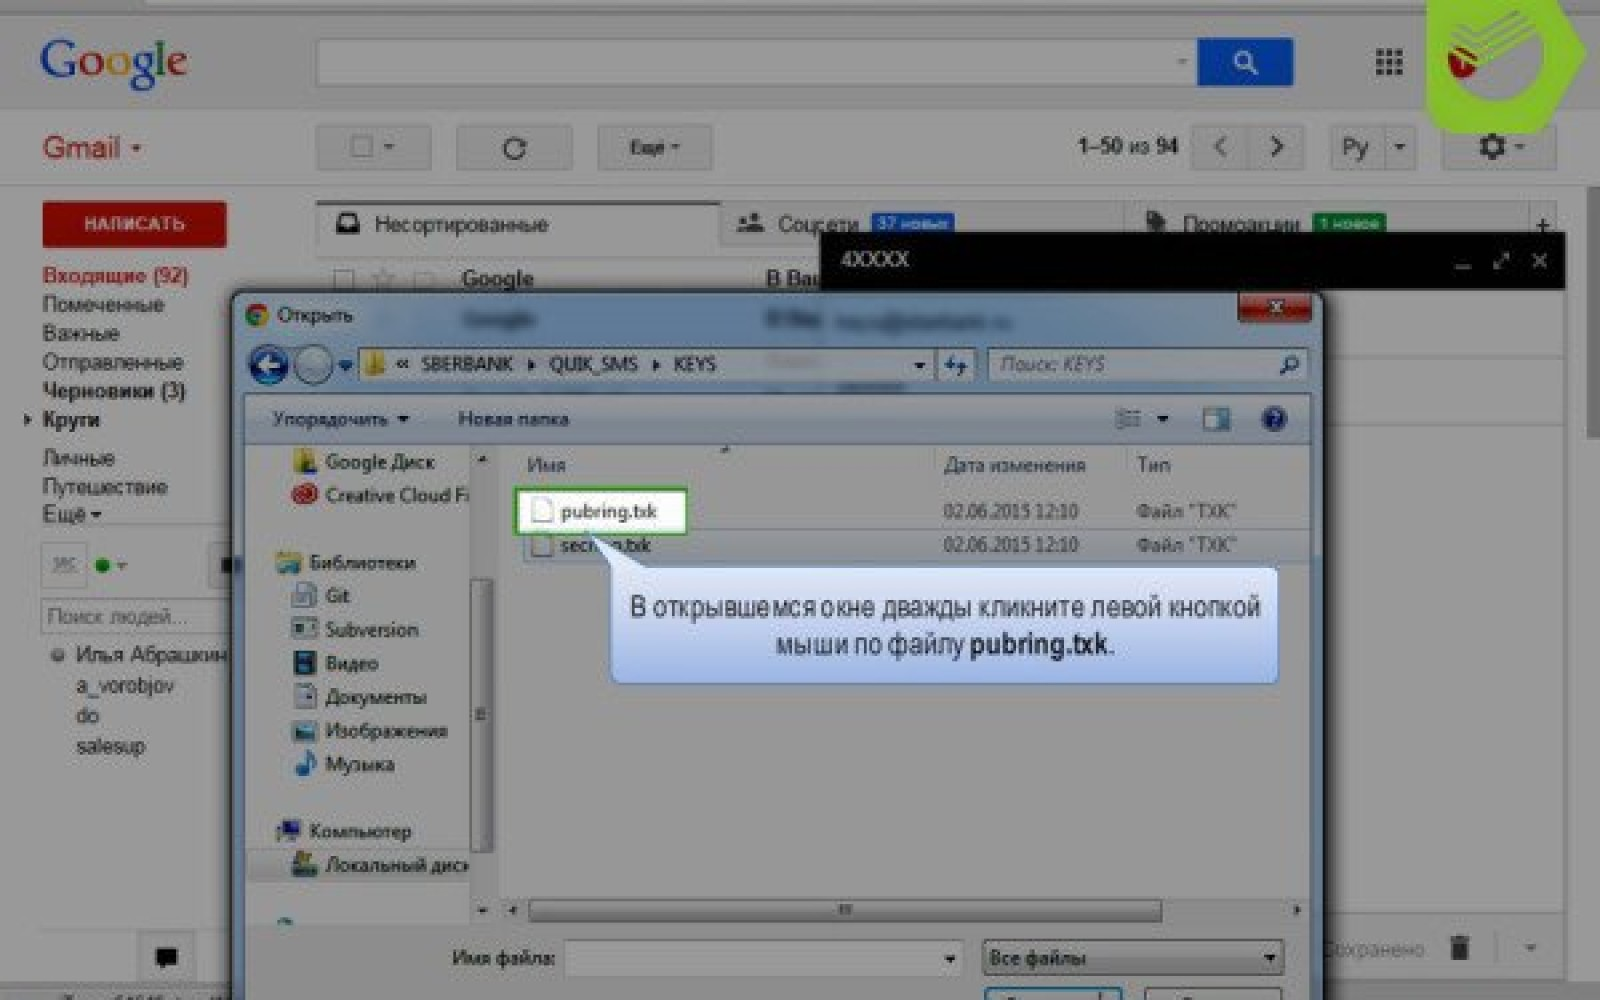 Купить акции Газпрома физическому лицу в Сбербанке40